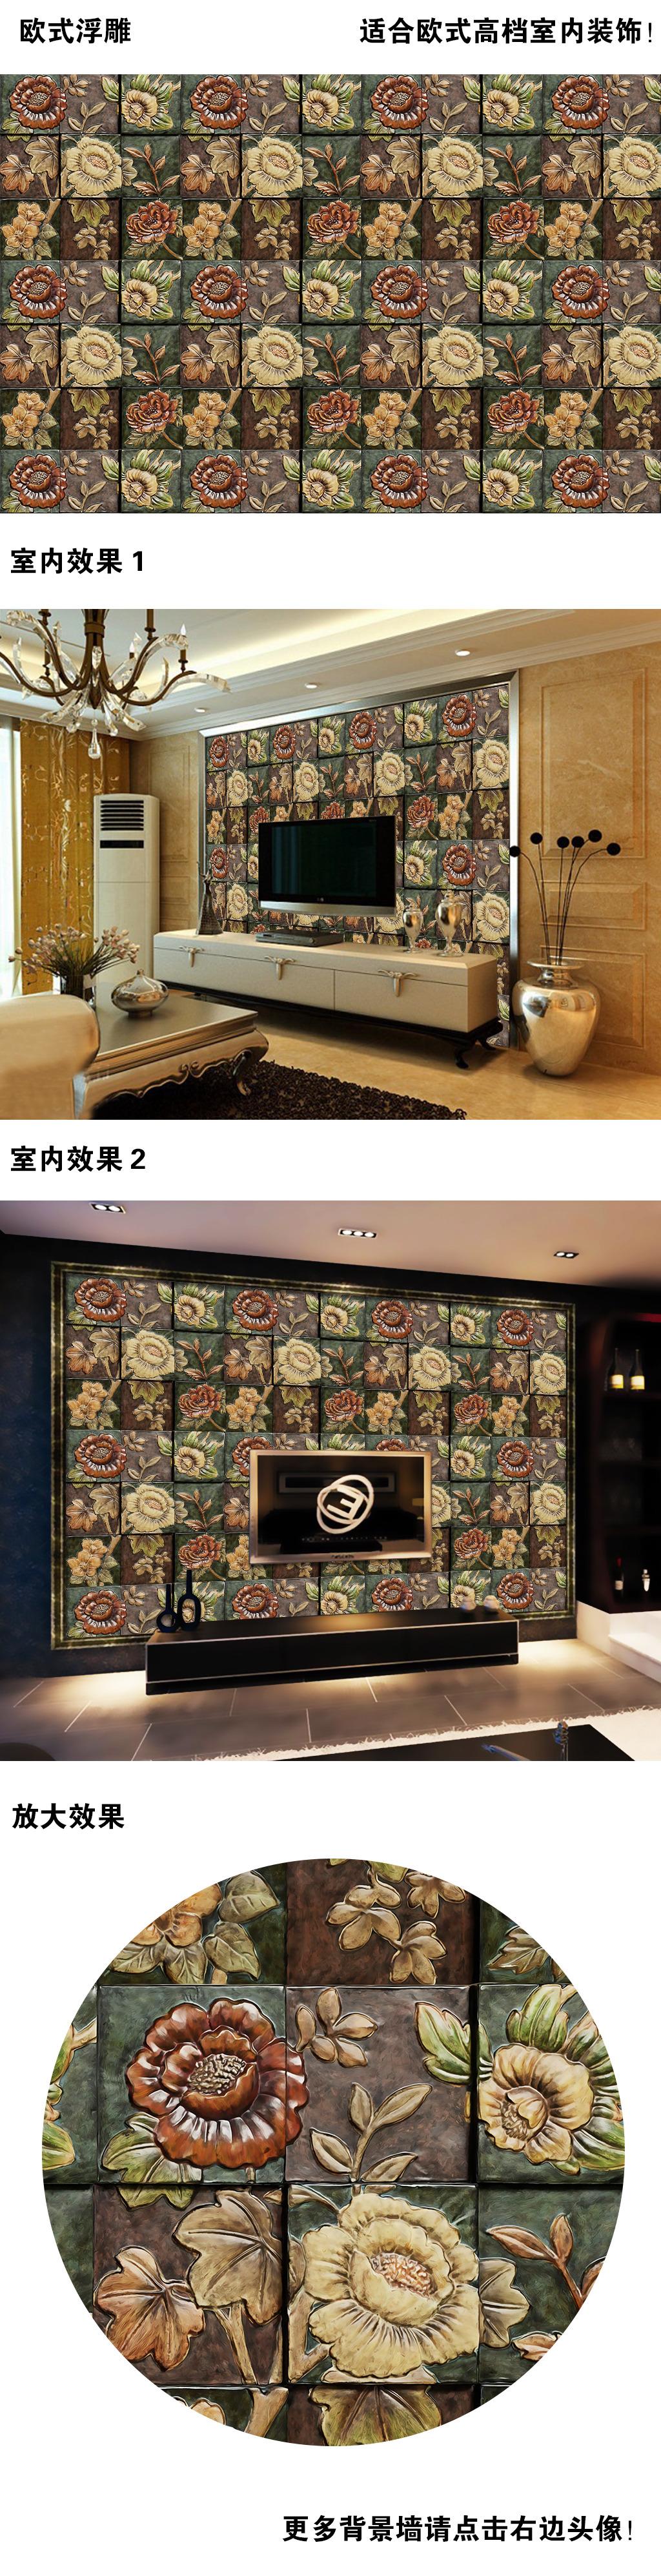 欧式花卉浮雕电视背景墙模板下载